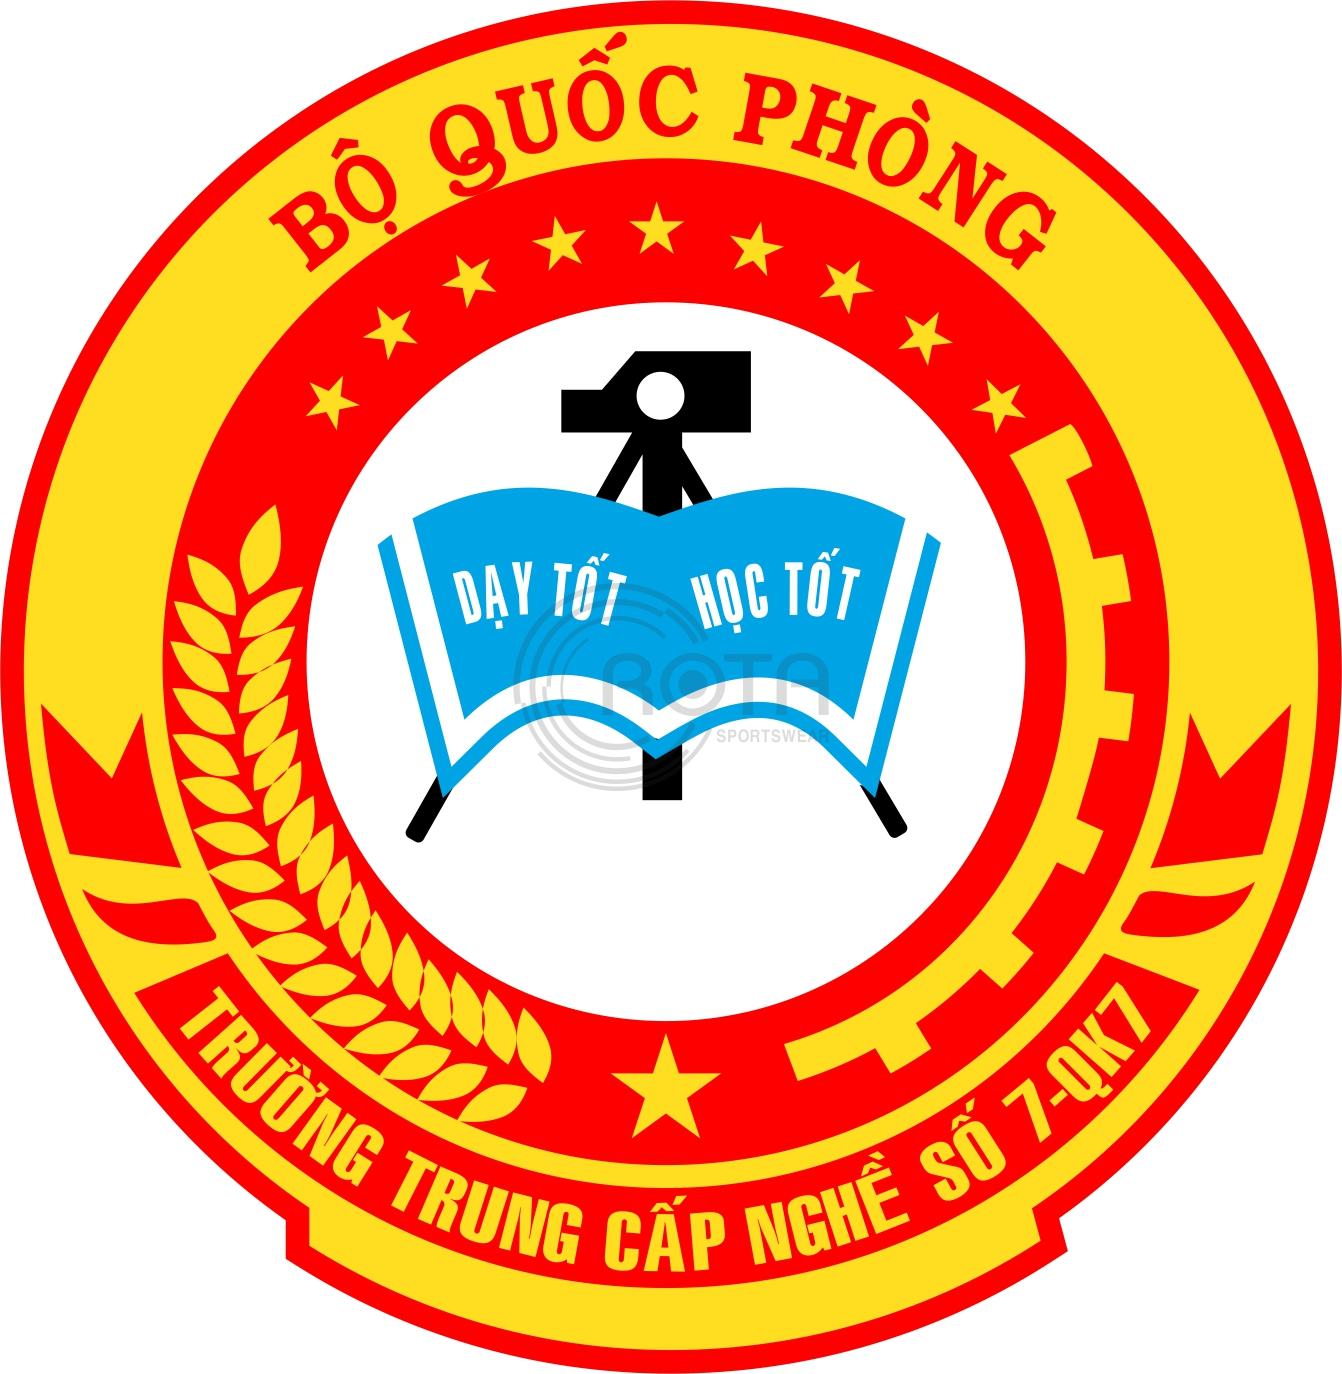 logo team football logo trư��ng trung c��p ngh� s�� 7 qk7